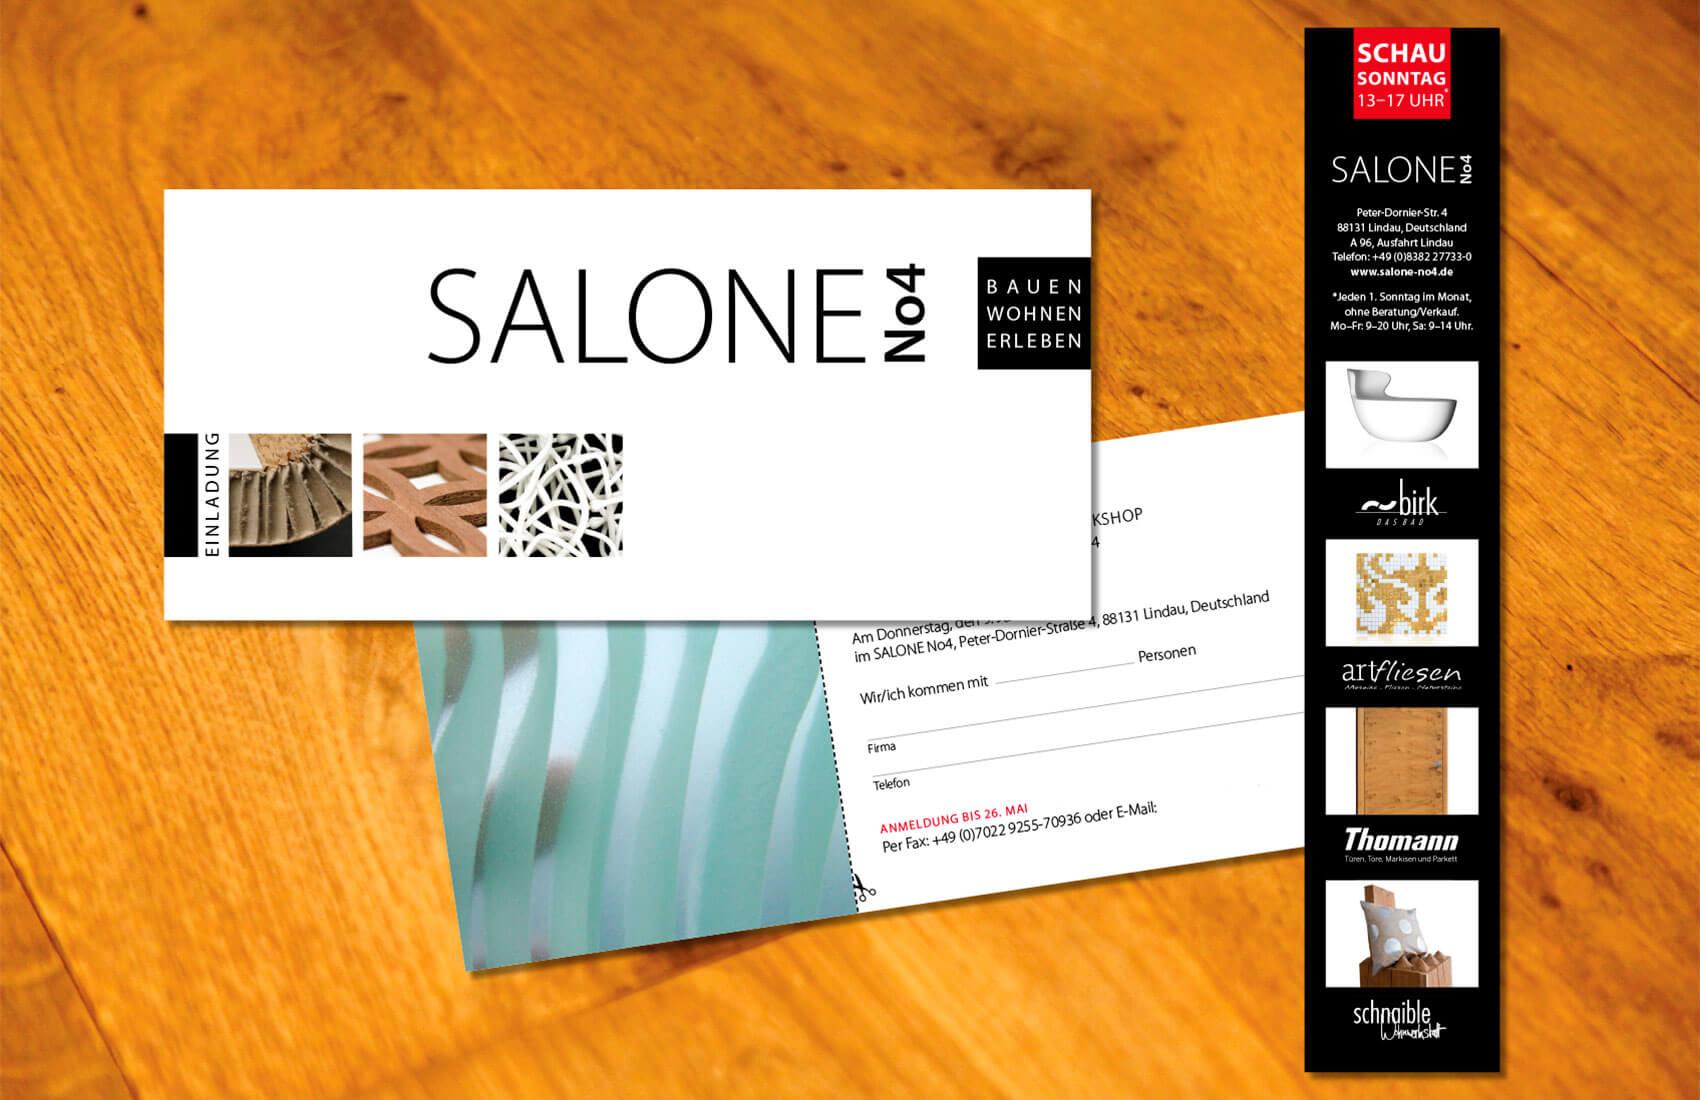 Klare, stilvolle Einladung zum Materialworkshop für Handwerker und Architekten. Schausonntag-Anzeige für die Zeitung mit hochwertigen Produktabbildungen.